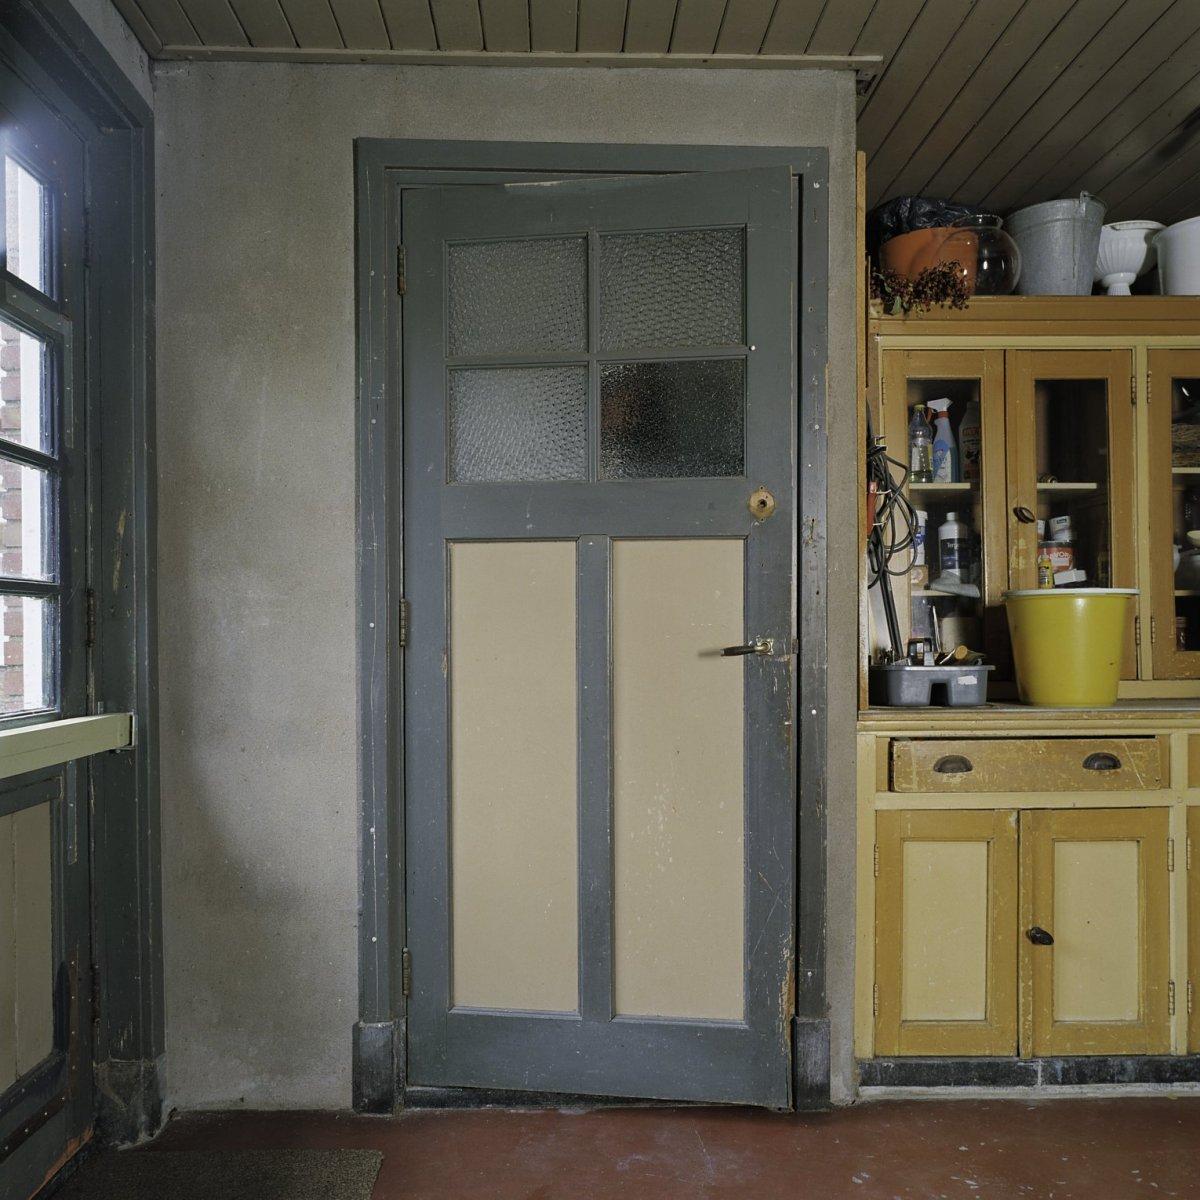 File interieur paneeldeur van de w c met de orginele kleur in de bergruimte aan de - Kleur wc ...